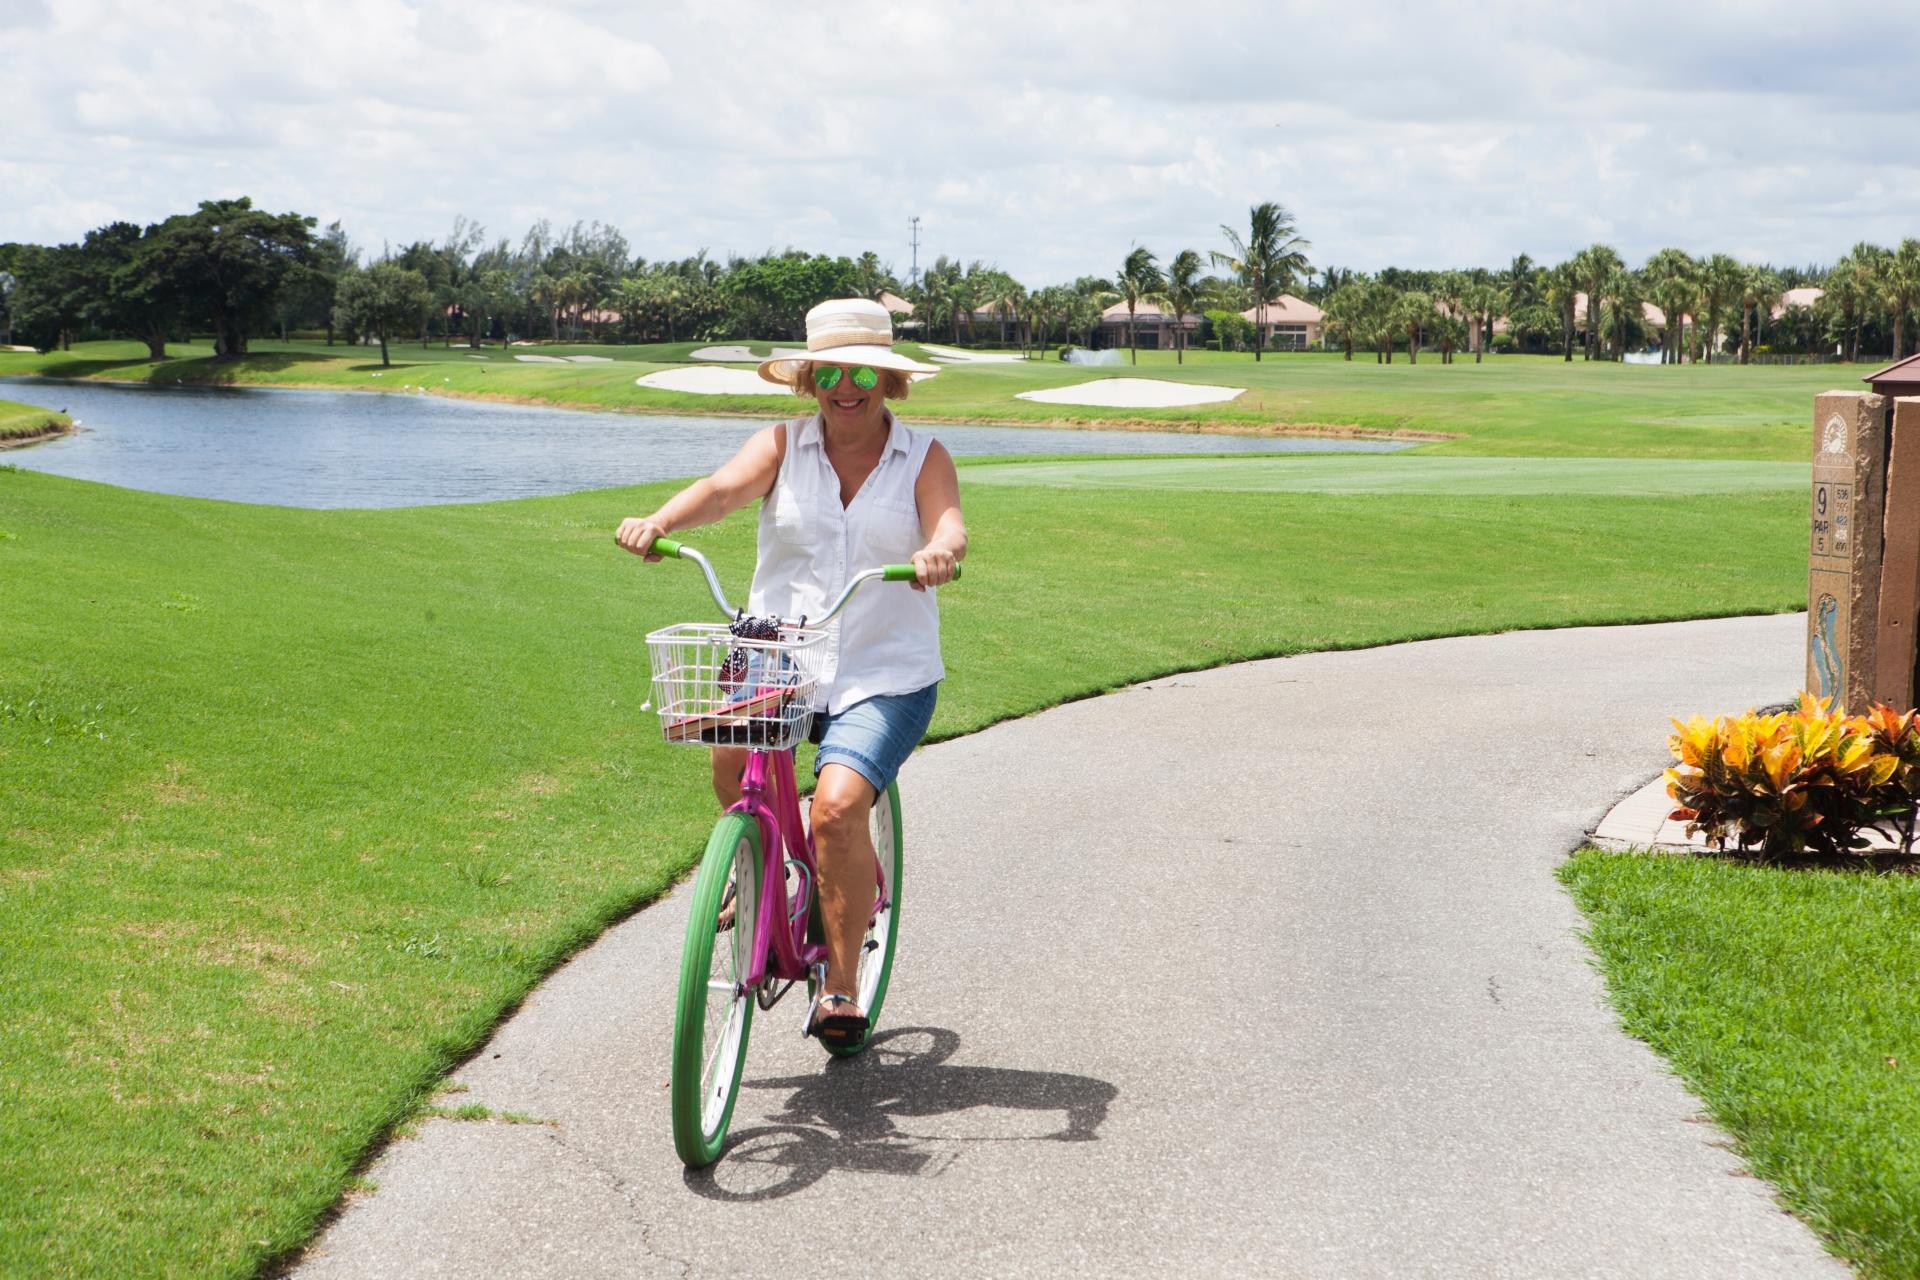 自転車に乗るシニア女性